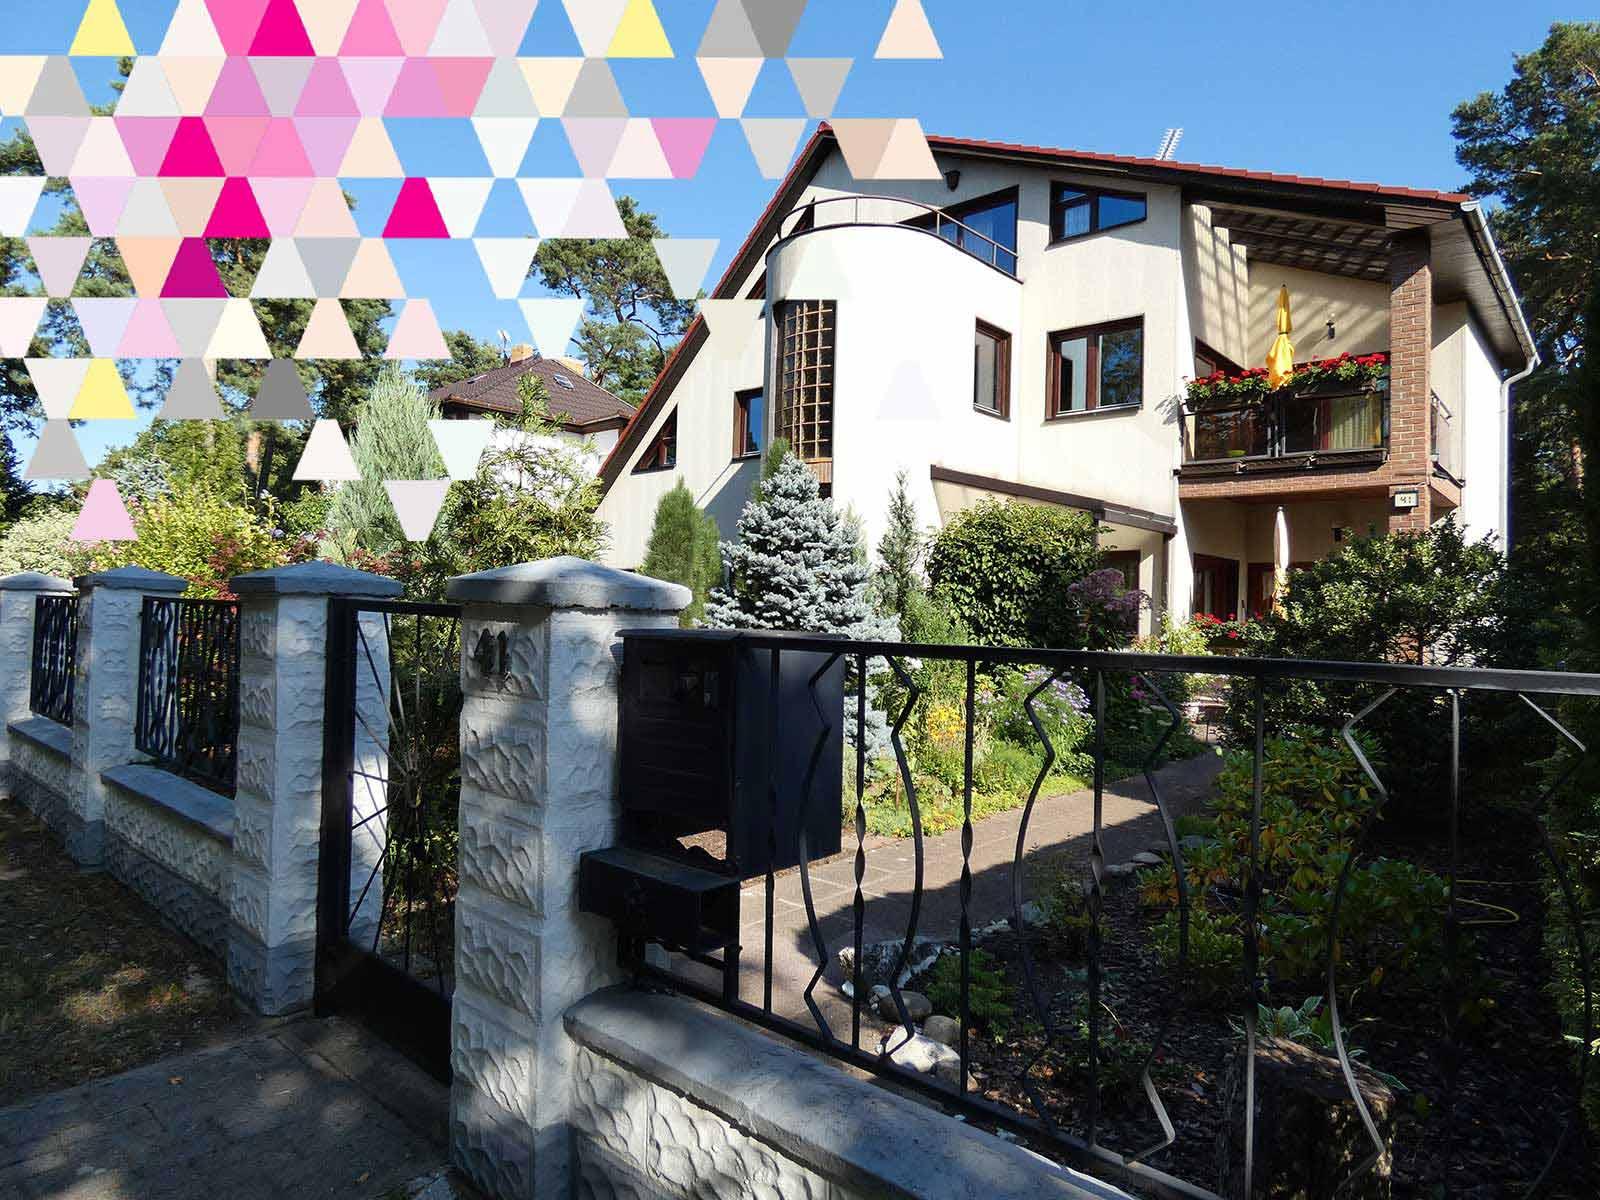 Referenz: Zweifamilienhaus in Brandenburg Hoppegarten OT. Waldesruh